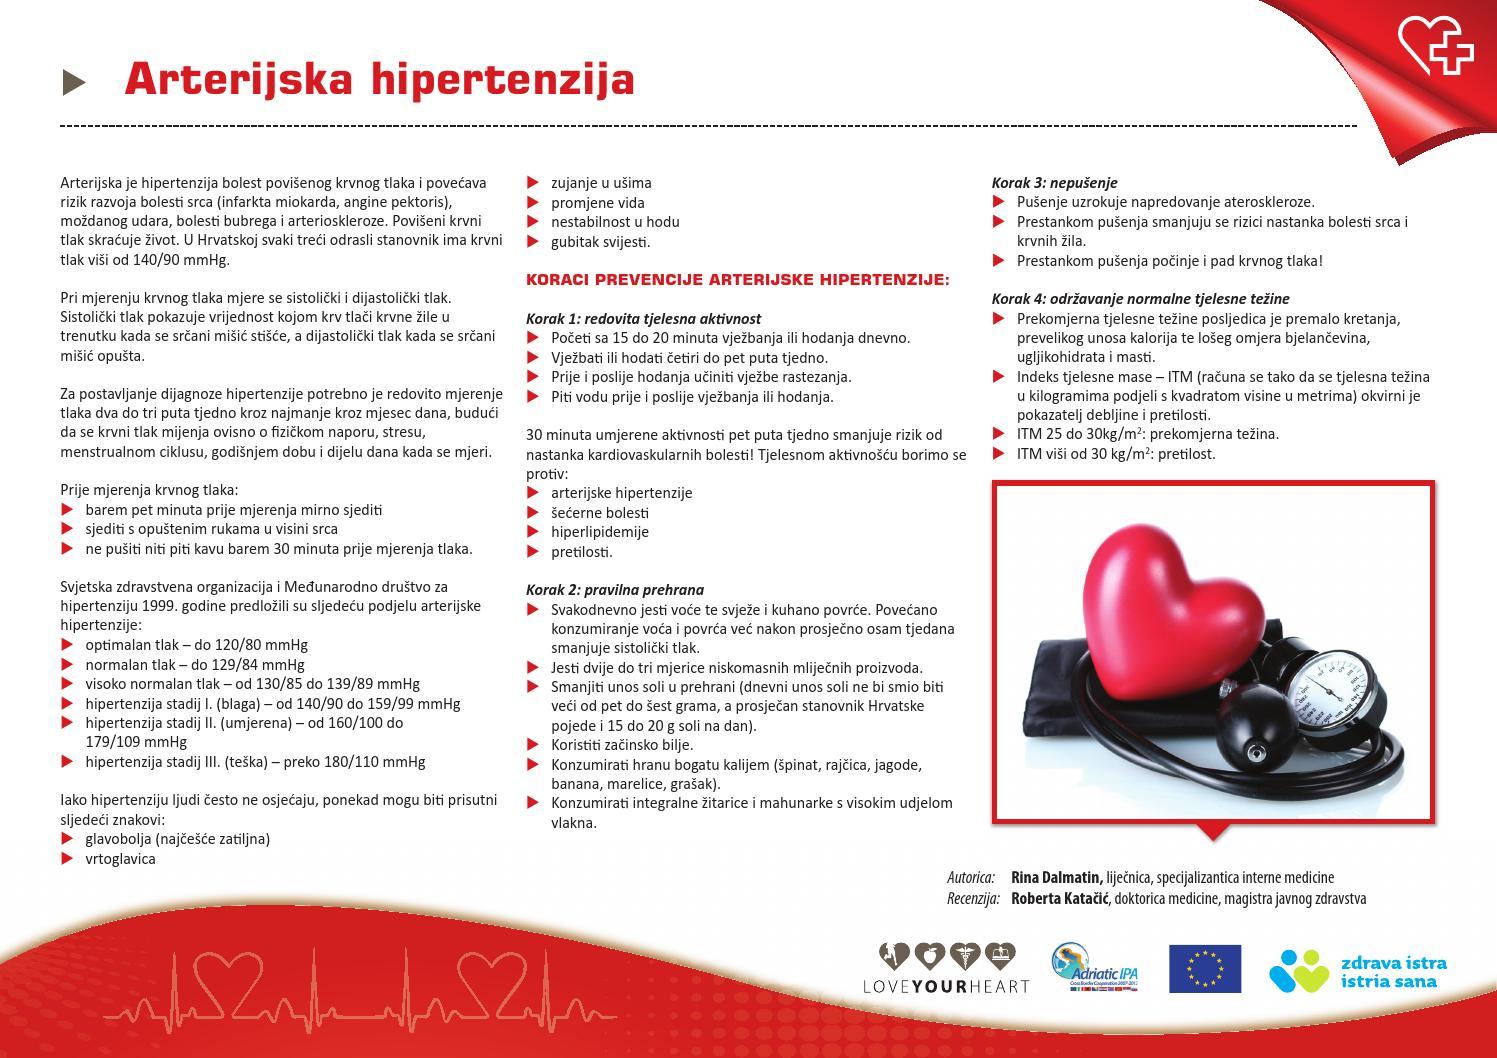 Ako prestati pušiti hipertenzija će proći